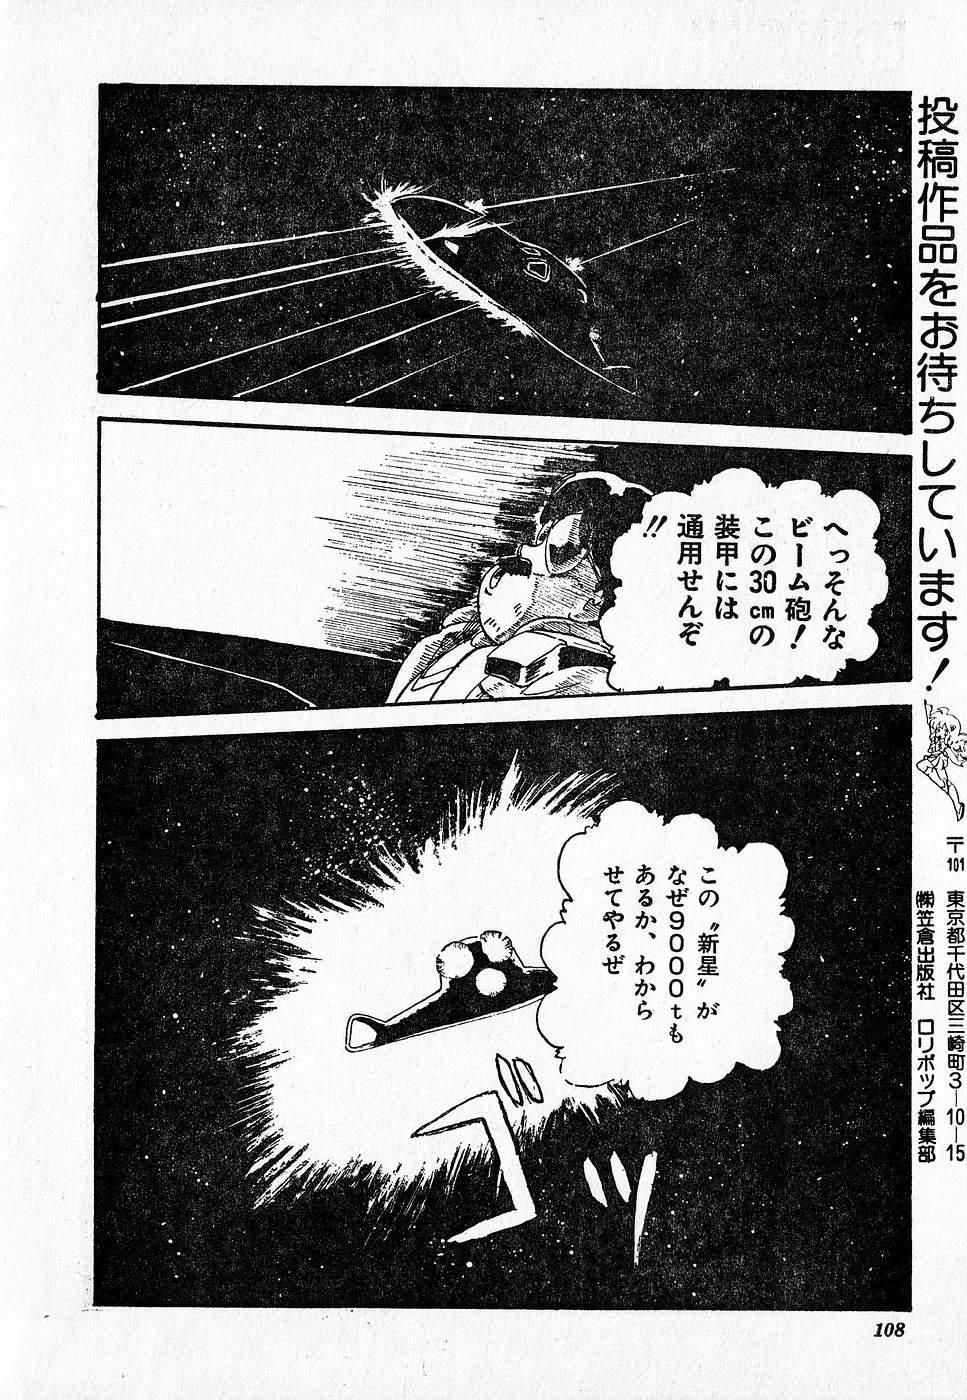 COMIC Lolipop 1985-10 Soukanjunbigou Aki 107